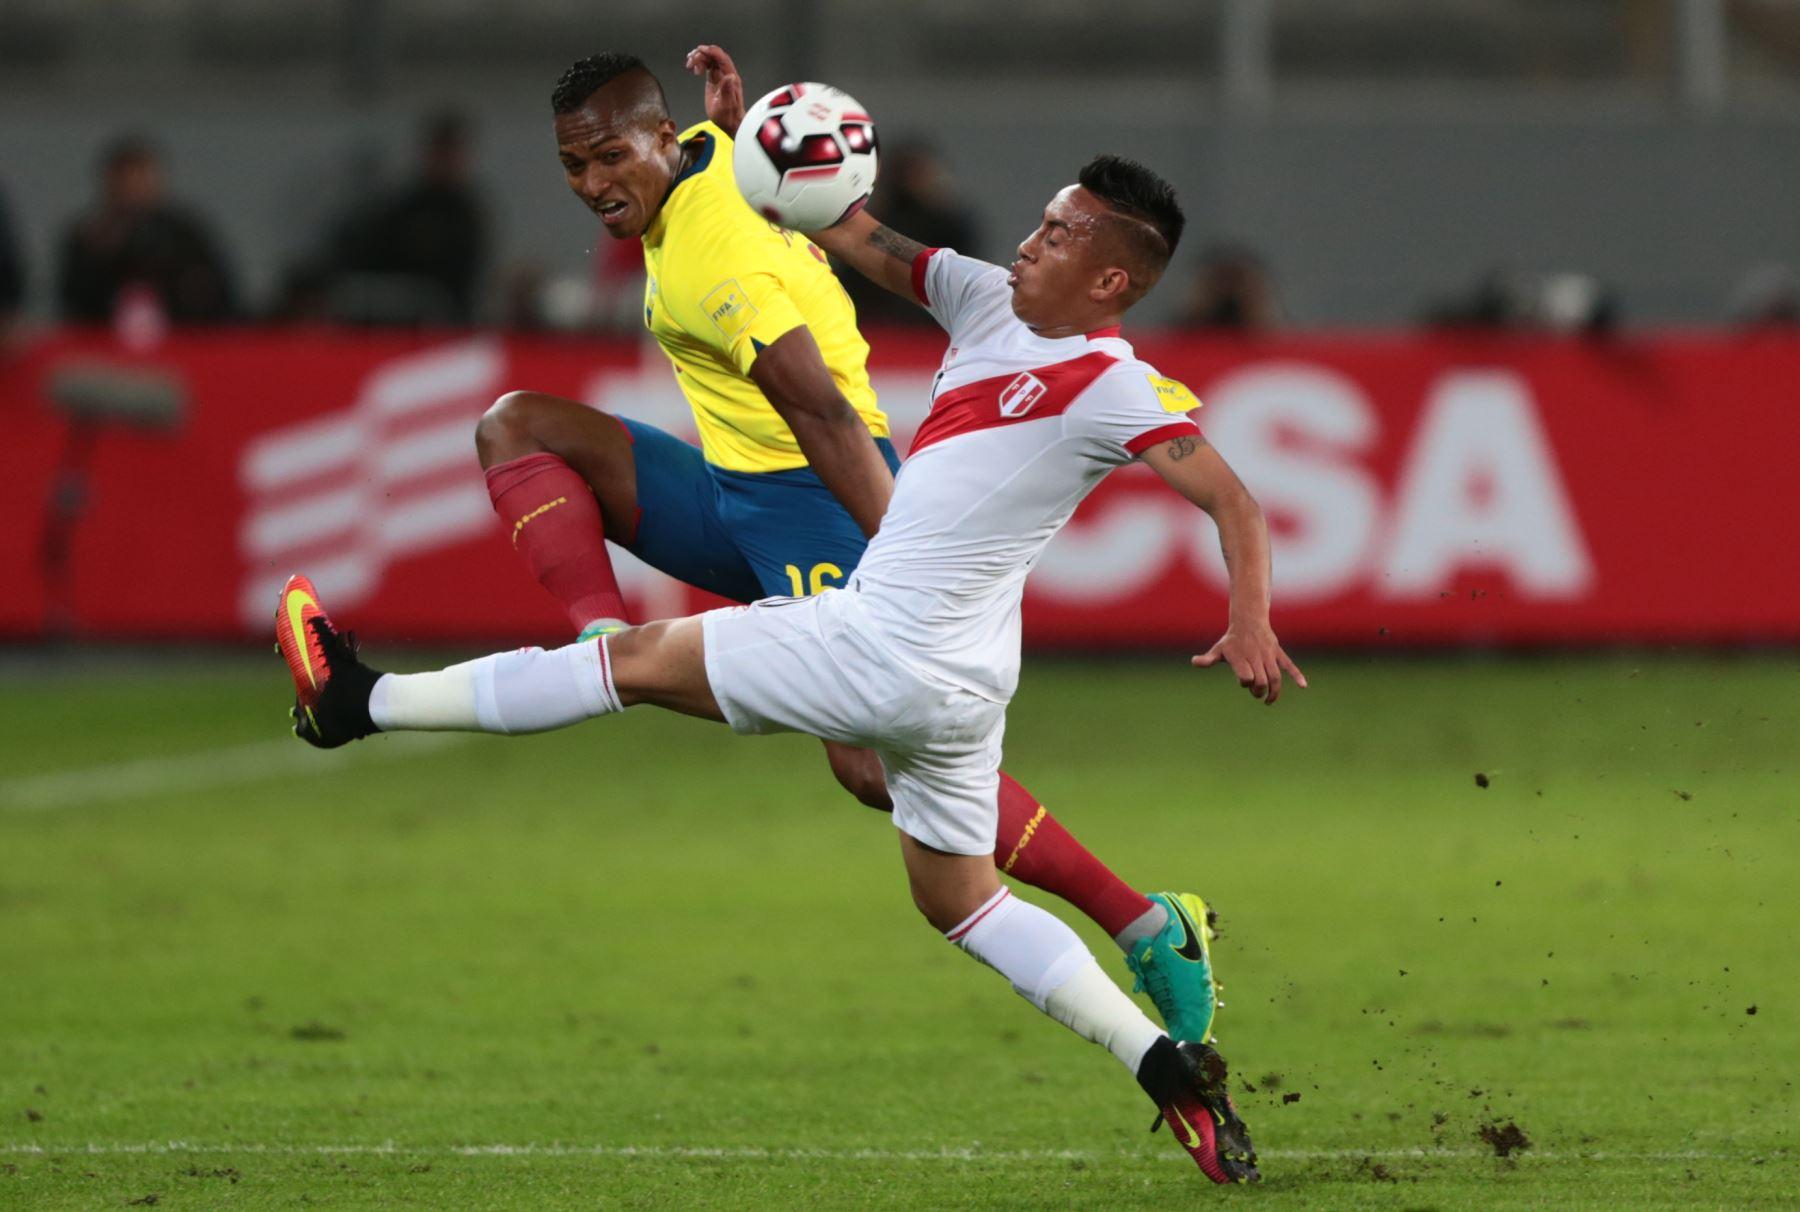 LIMA, PERÚ-SETIEMBRE 06. La selección peruana de fútbol se enfrenta a Ecuador por las eliminatorias del Mundial Rusia 2018. Foto: ANDINA/Carlos Lezama